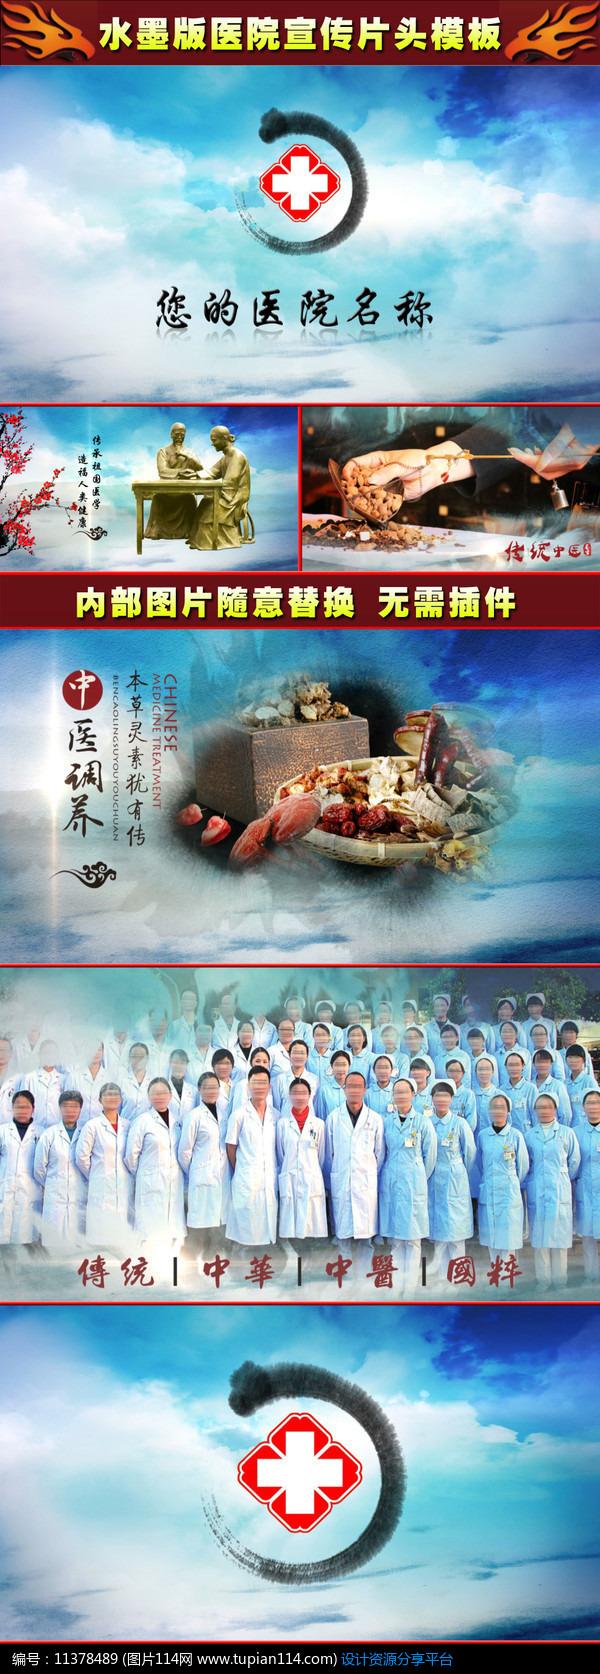 水墨风格医院宣传视频片头AE模板